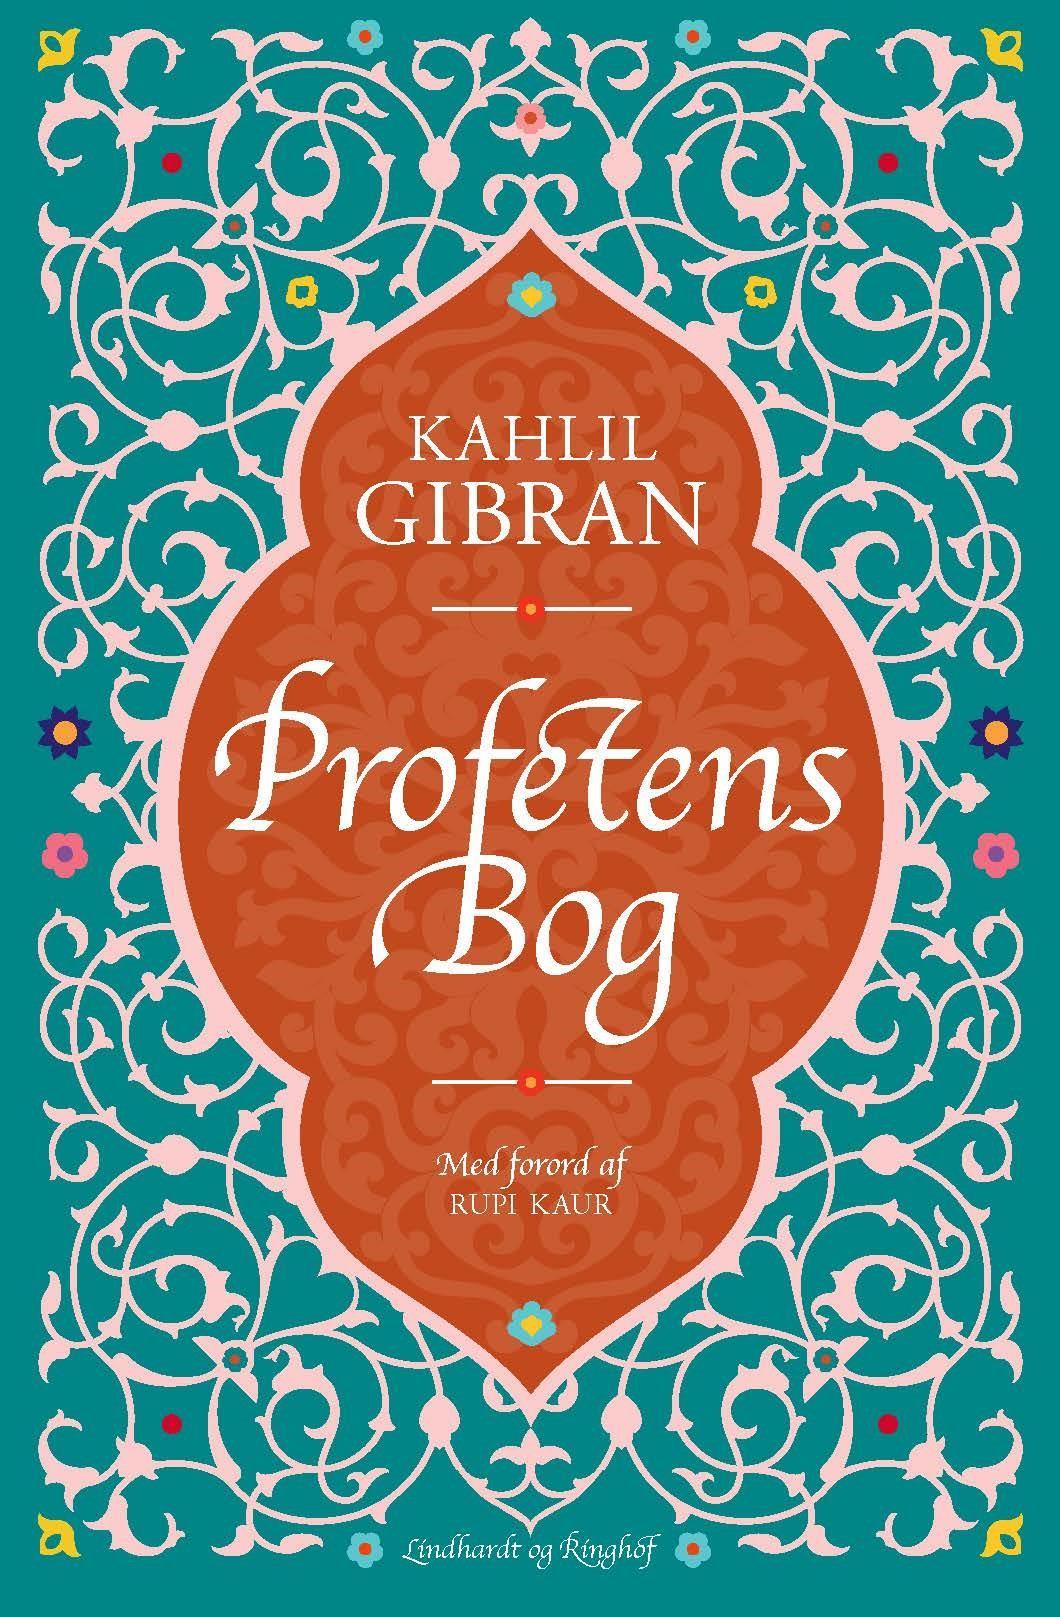 Profetens bog - Kahlil Gibran - Bøger - Lindhardt og Ringhof - 9788711903421 - July 15, 2019